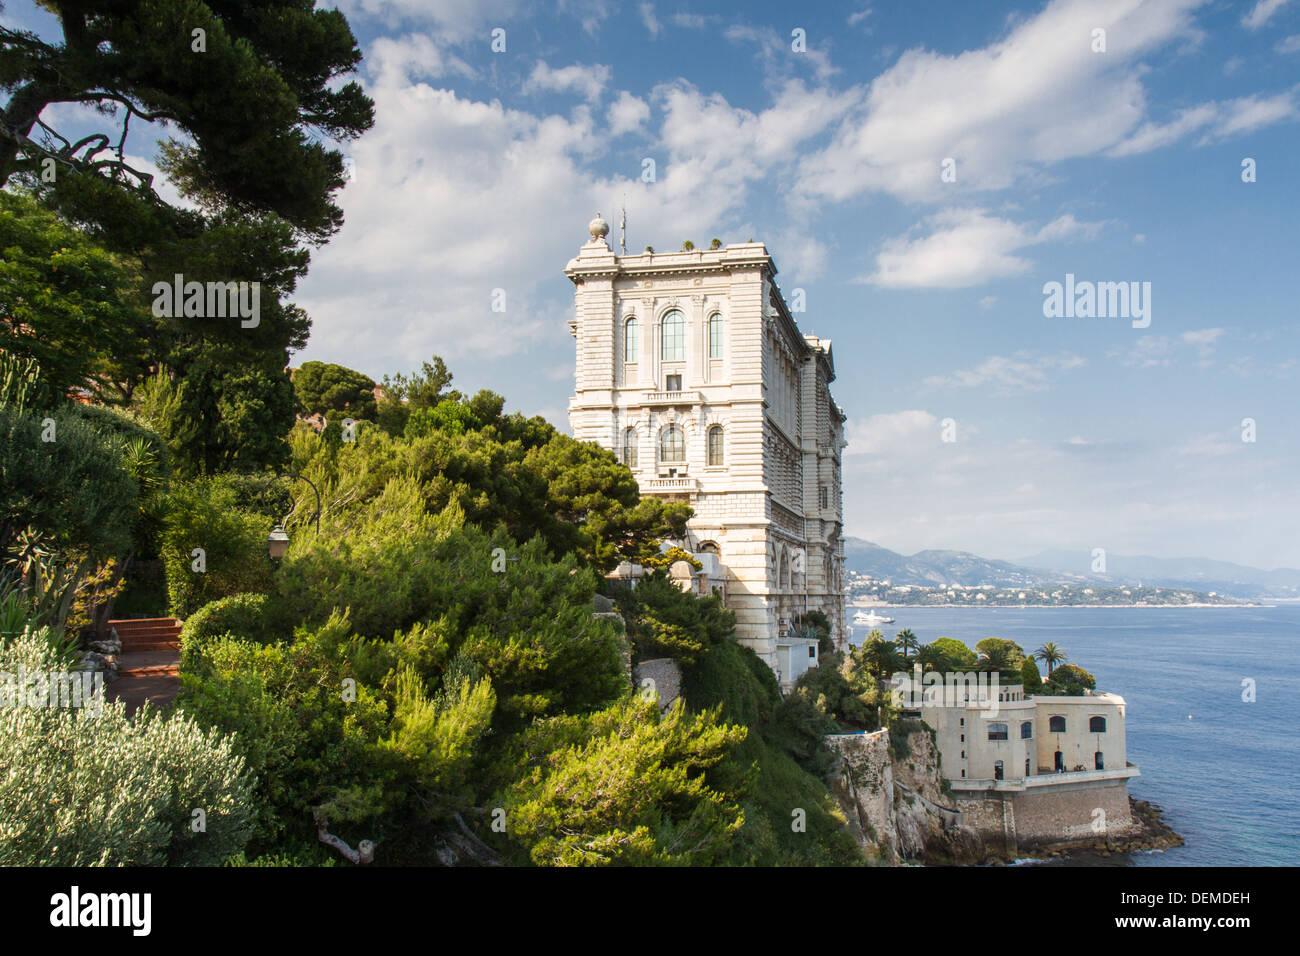 Coastline of Monaco overlooked by the Oceanographic Museum, Monaco - Stock Image